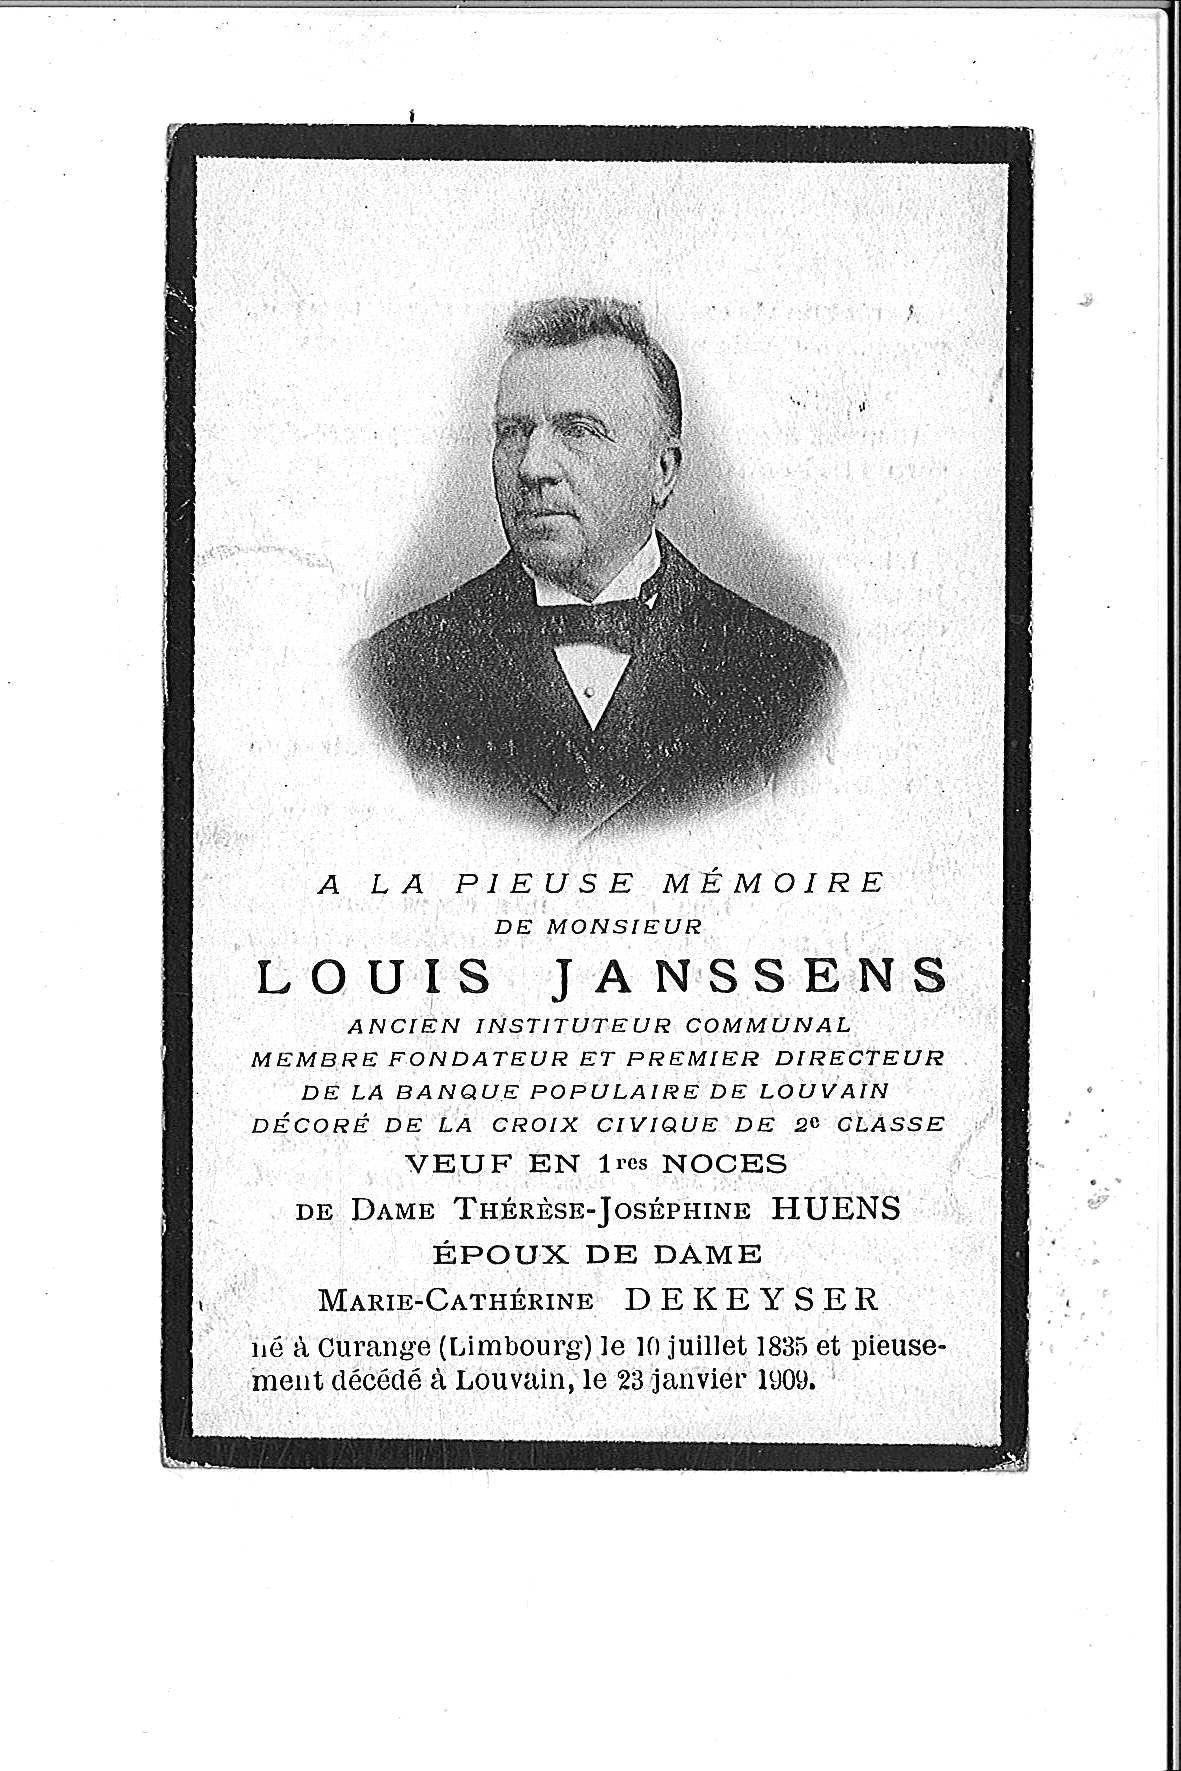 Louis(1909)20150428102828_00015.jpg